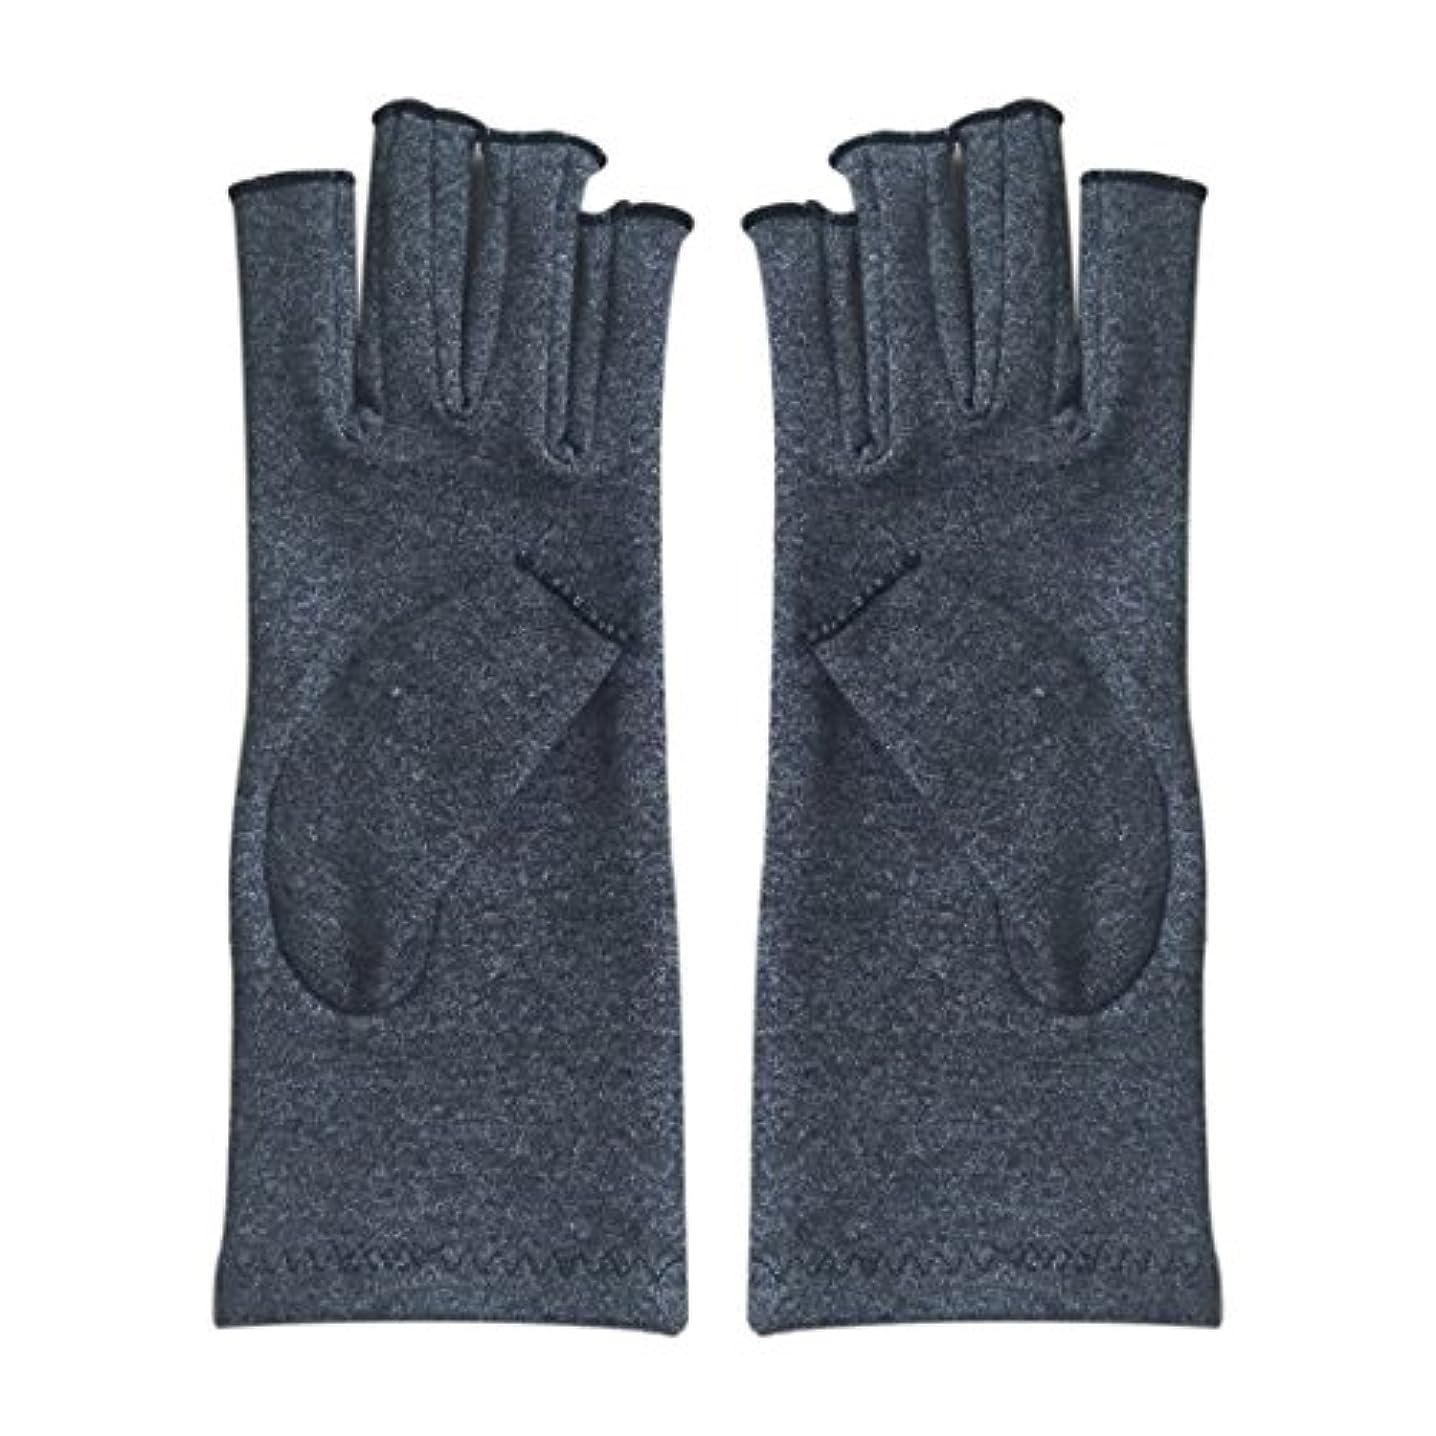 夢中ポスターブッシュCUHAWUDBA 1ペア成人男性女性用弾性コットンコンプレッション手袋手関節炎関節痛鎮痛軽減M - 灰色、M